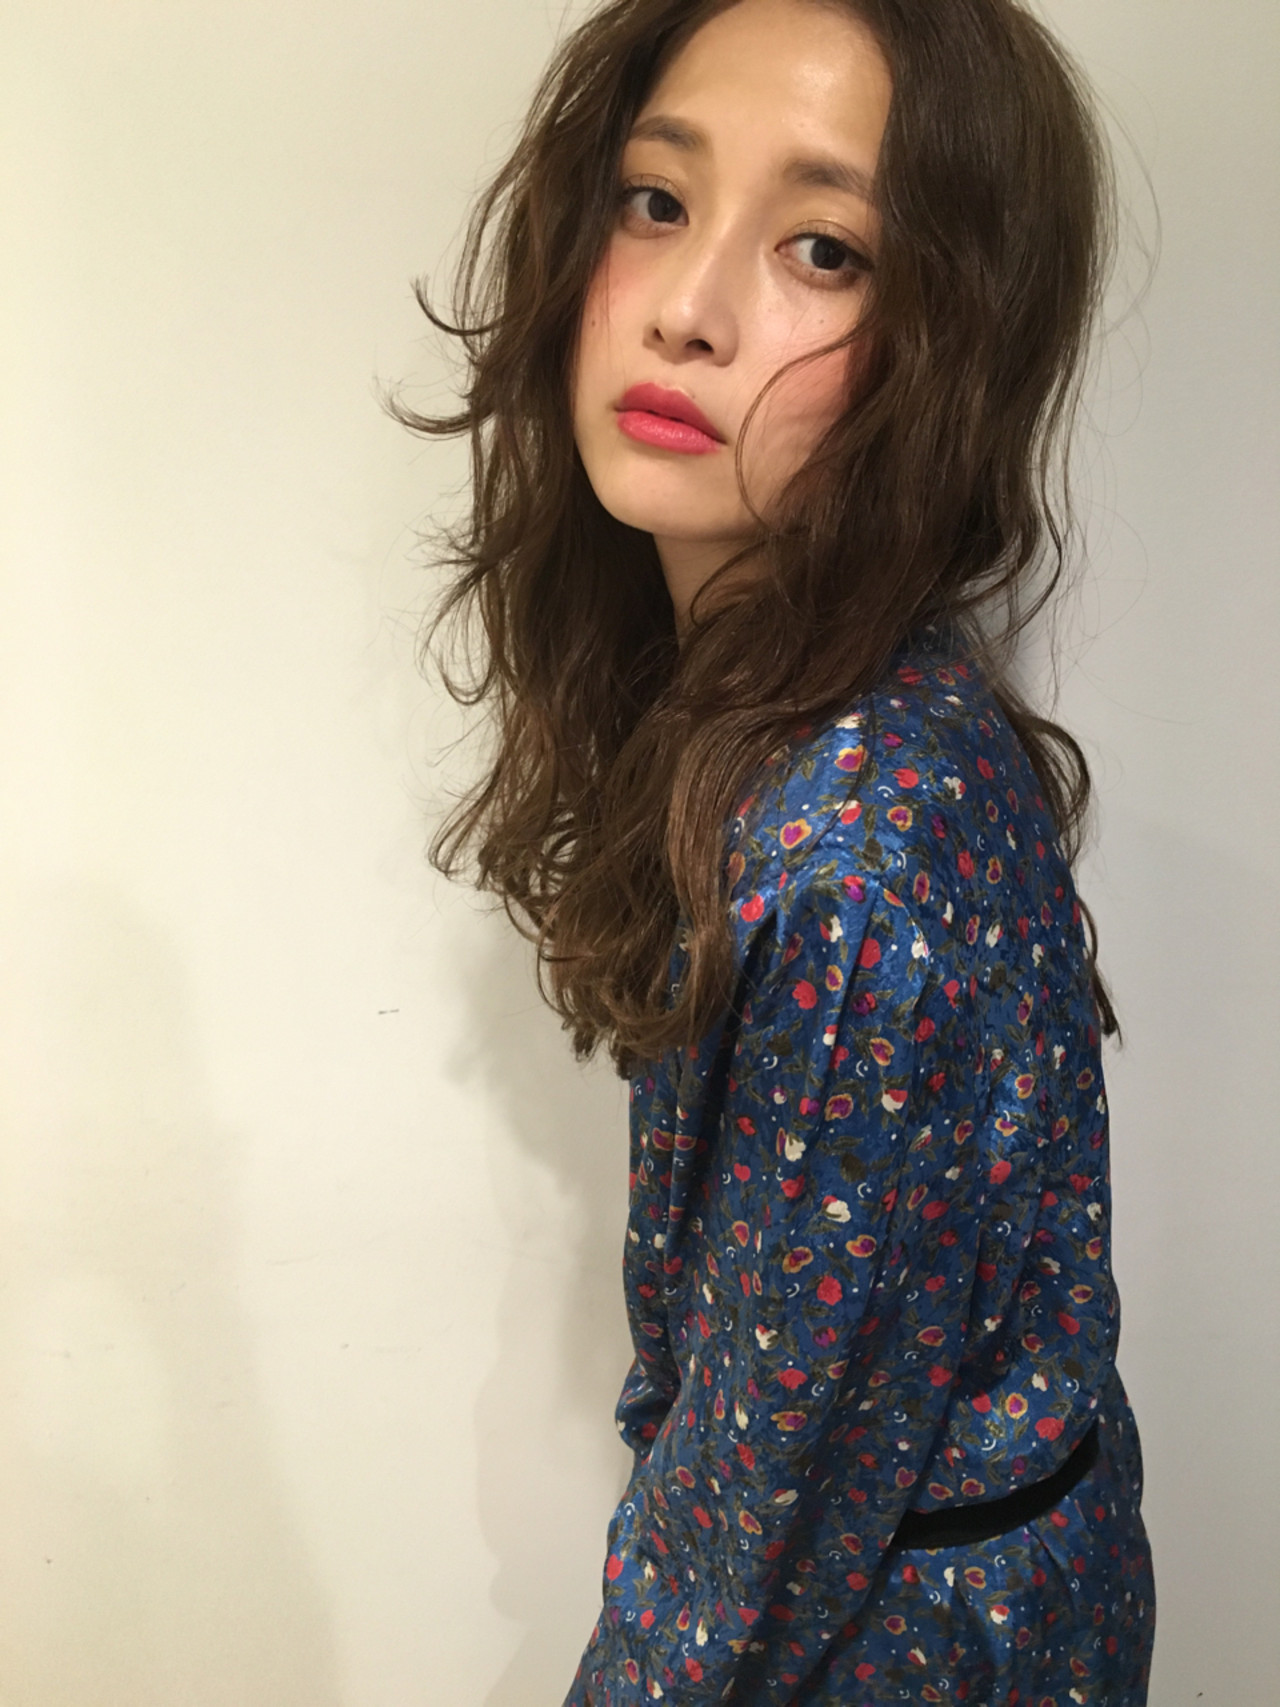 デジタルパーマでゆるふわヘアに♡ 渡会佳奈